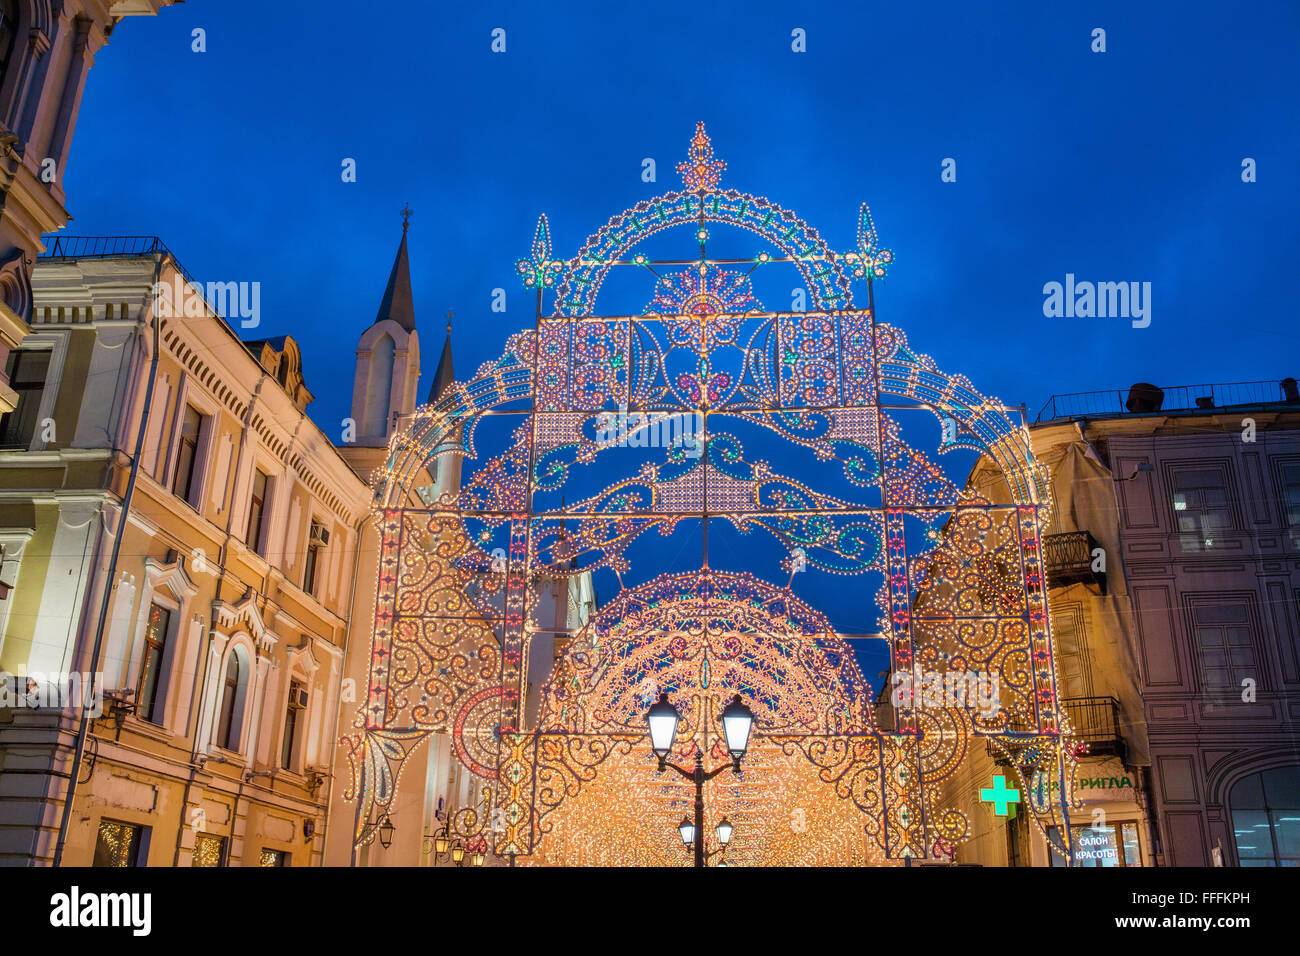 Nikolskaya Street, Dekoration und Beleuchtung für Weihnachten und Neujahr Urlaub in der Nacht, Moskau, Russland Stockbild